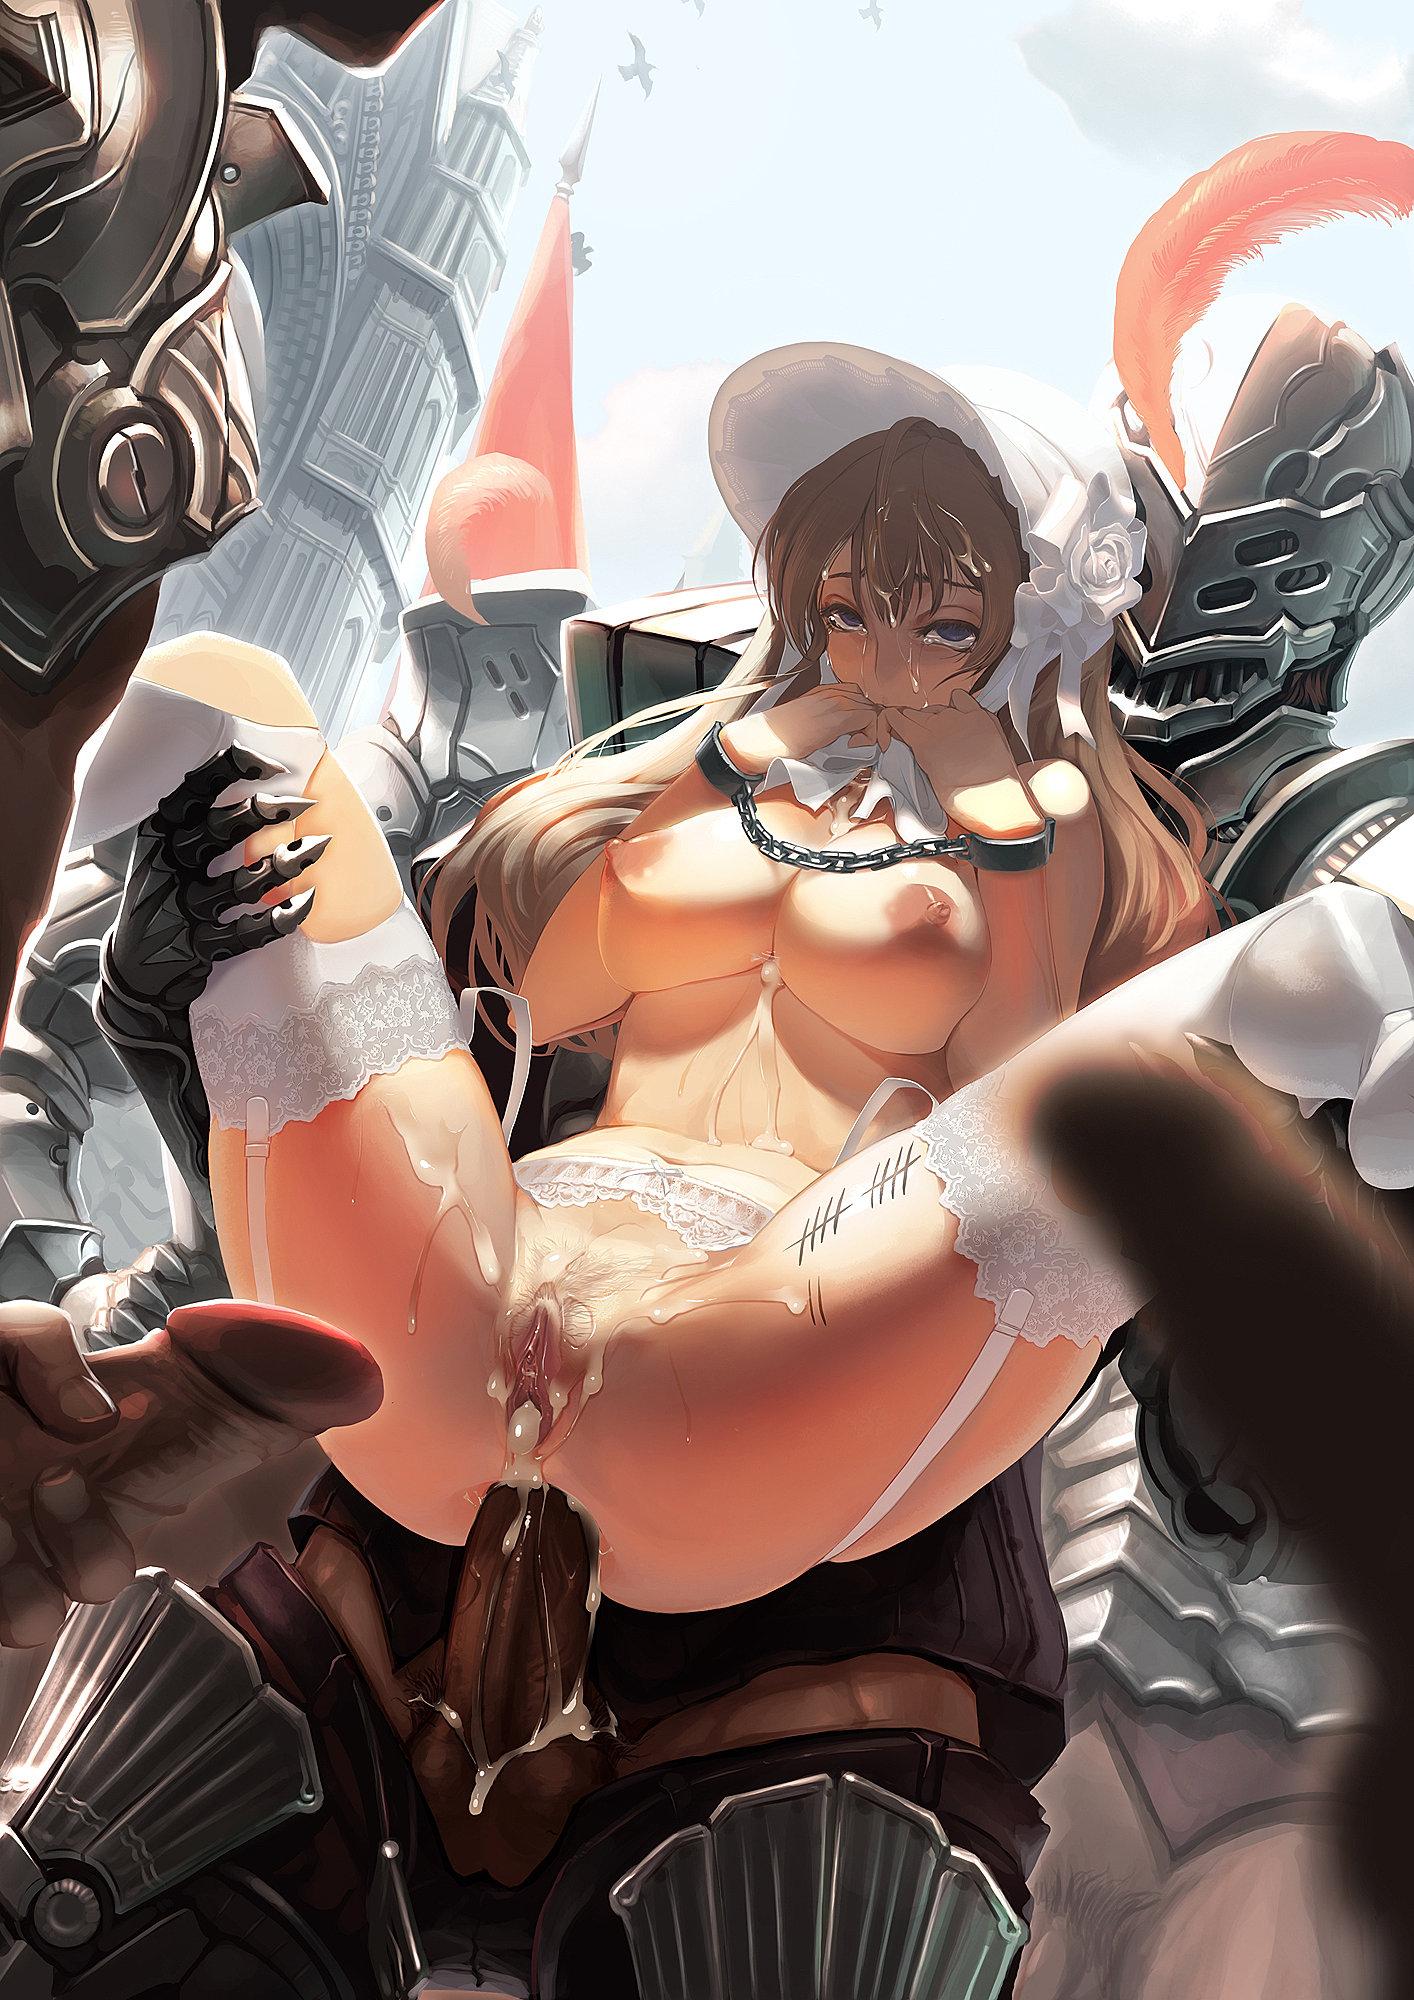 Death knight hentai pic fucks pics